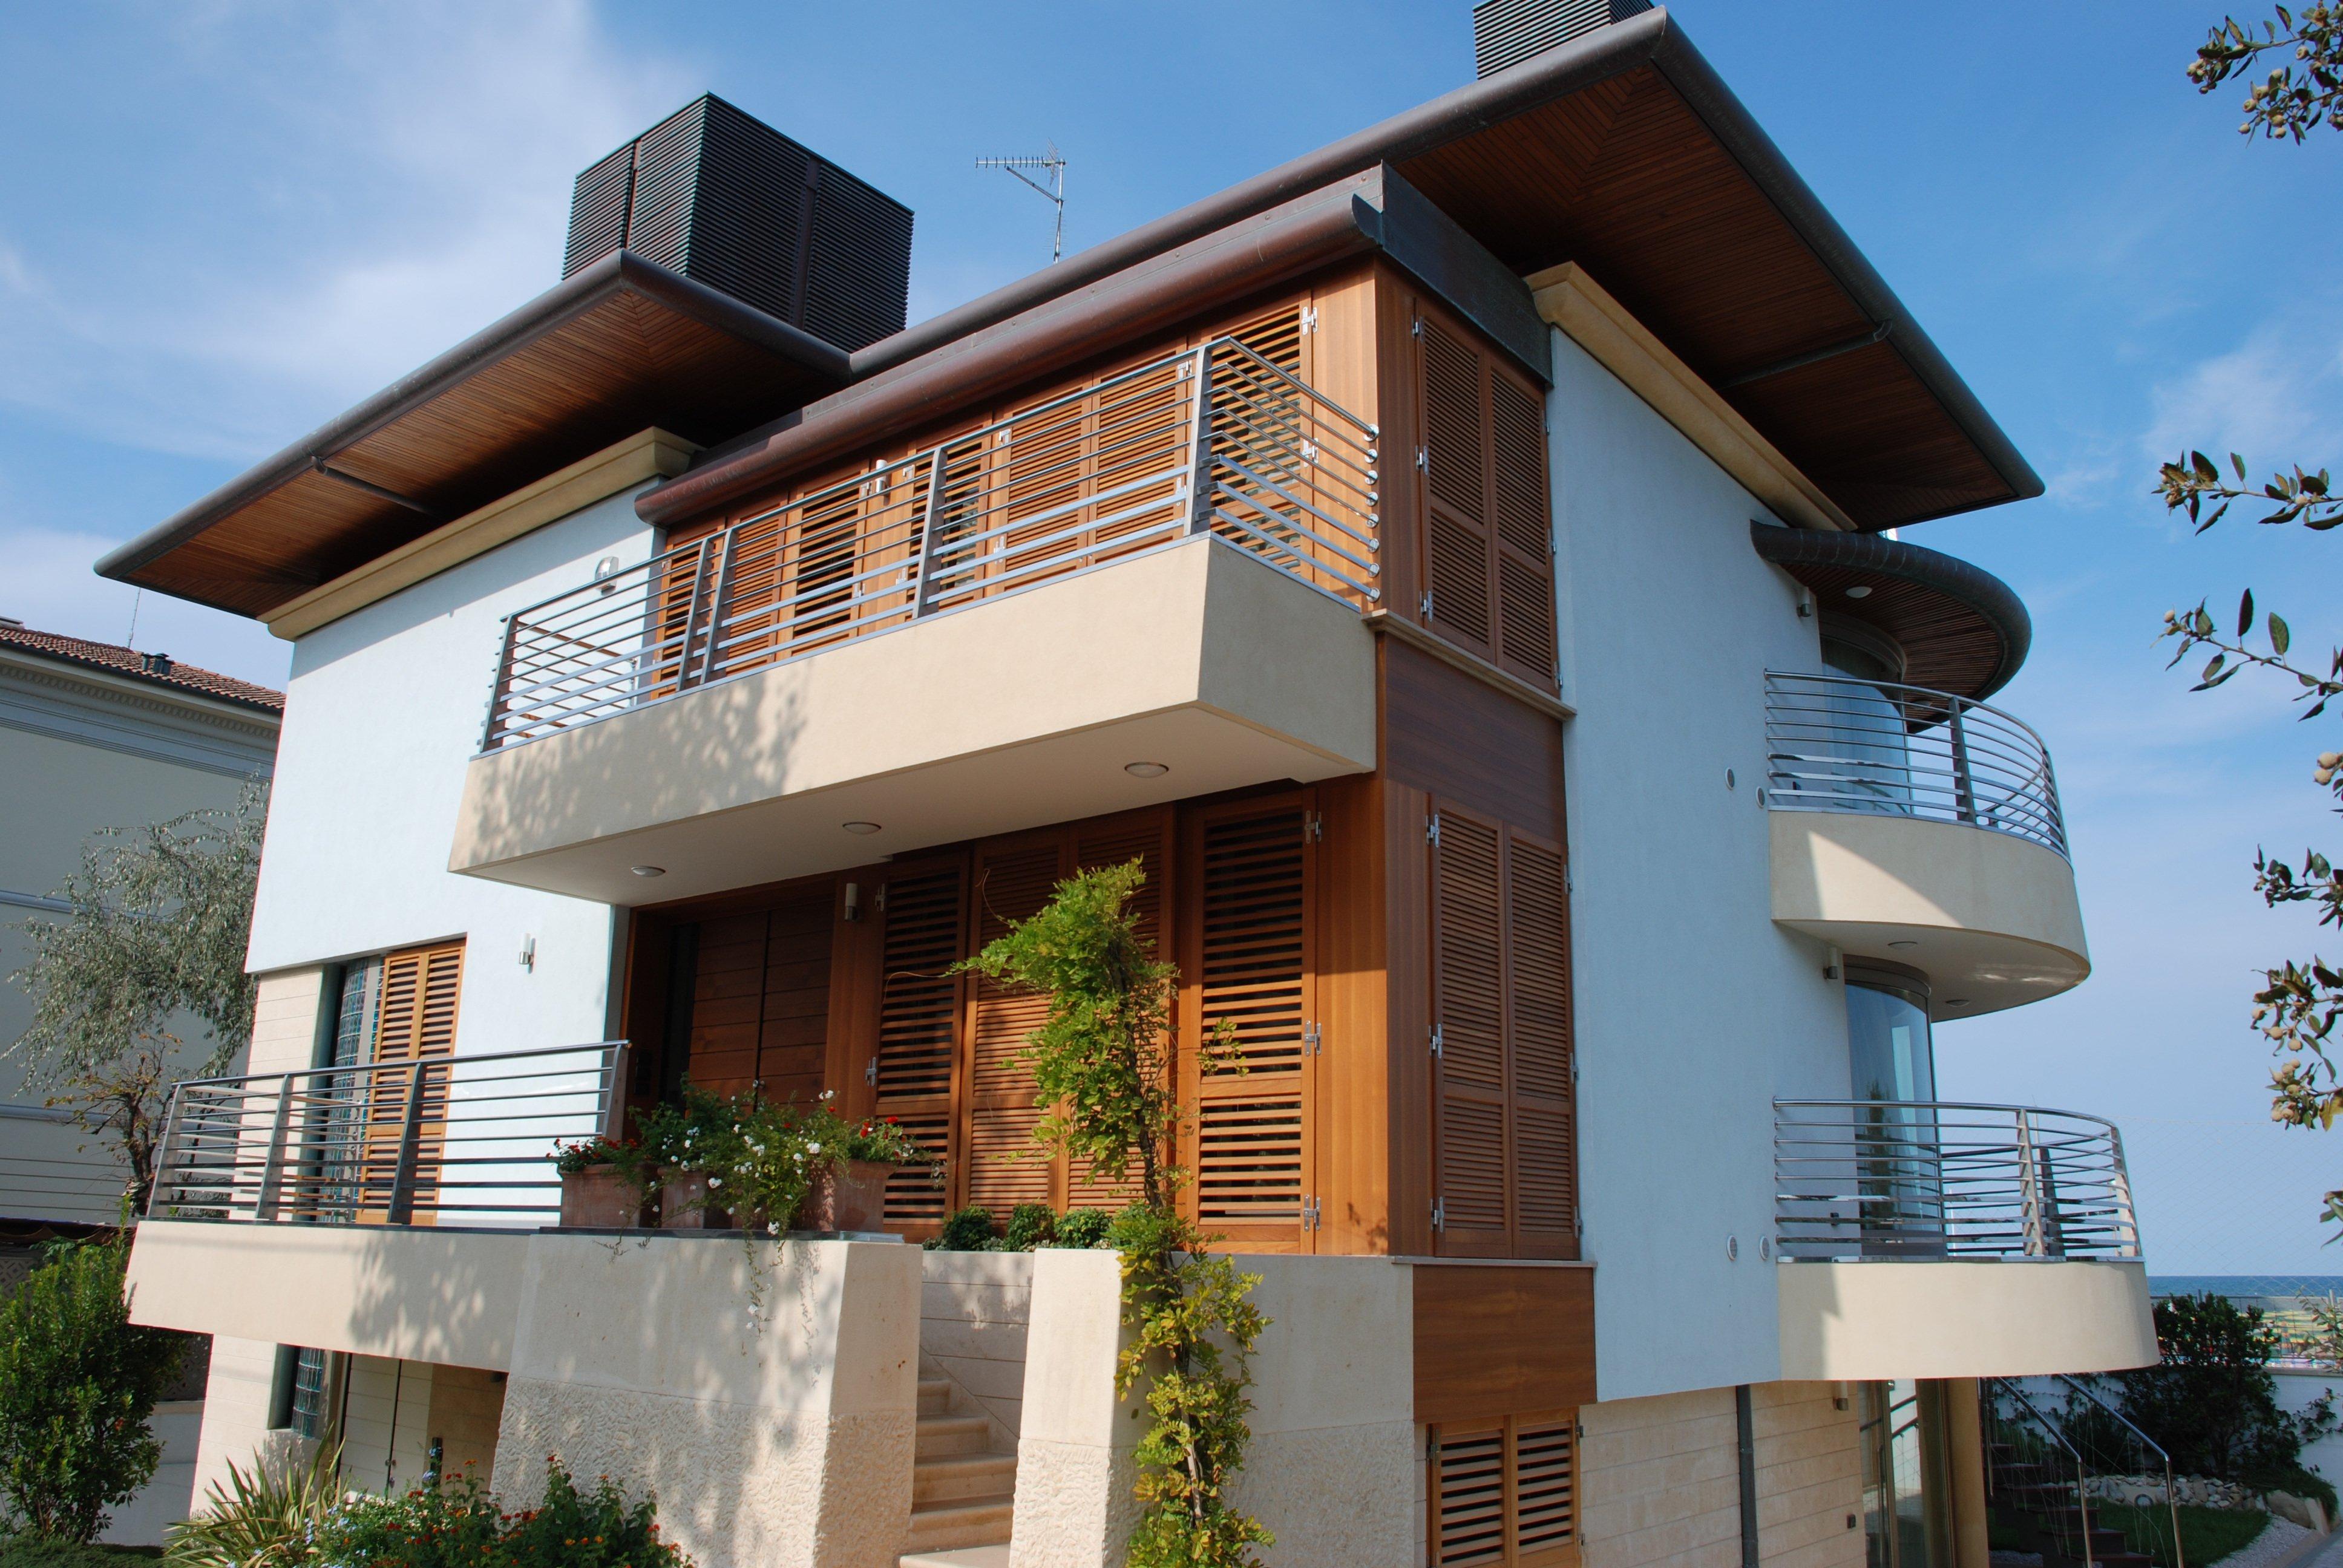 Vista di una sezione con serramenti in legno di una villa